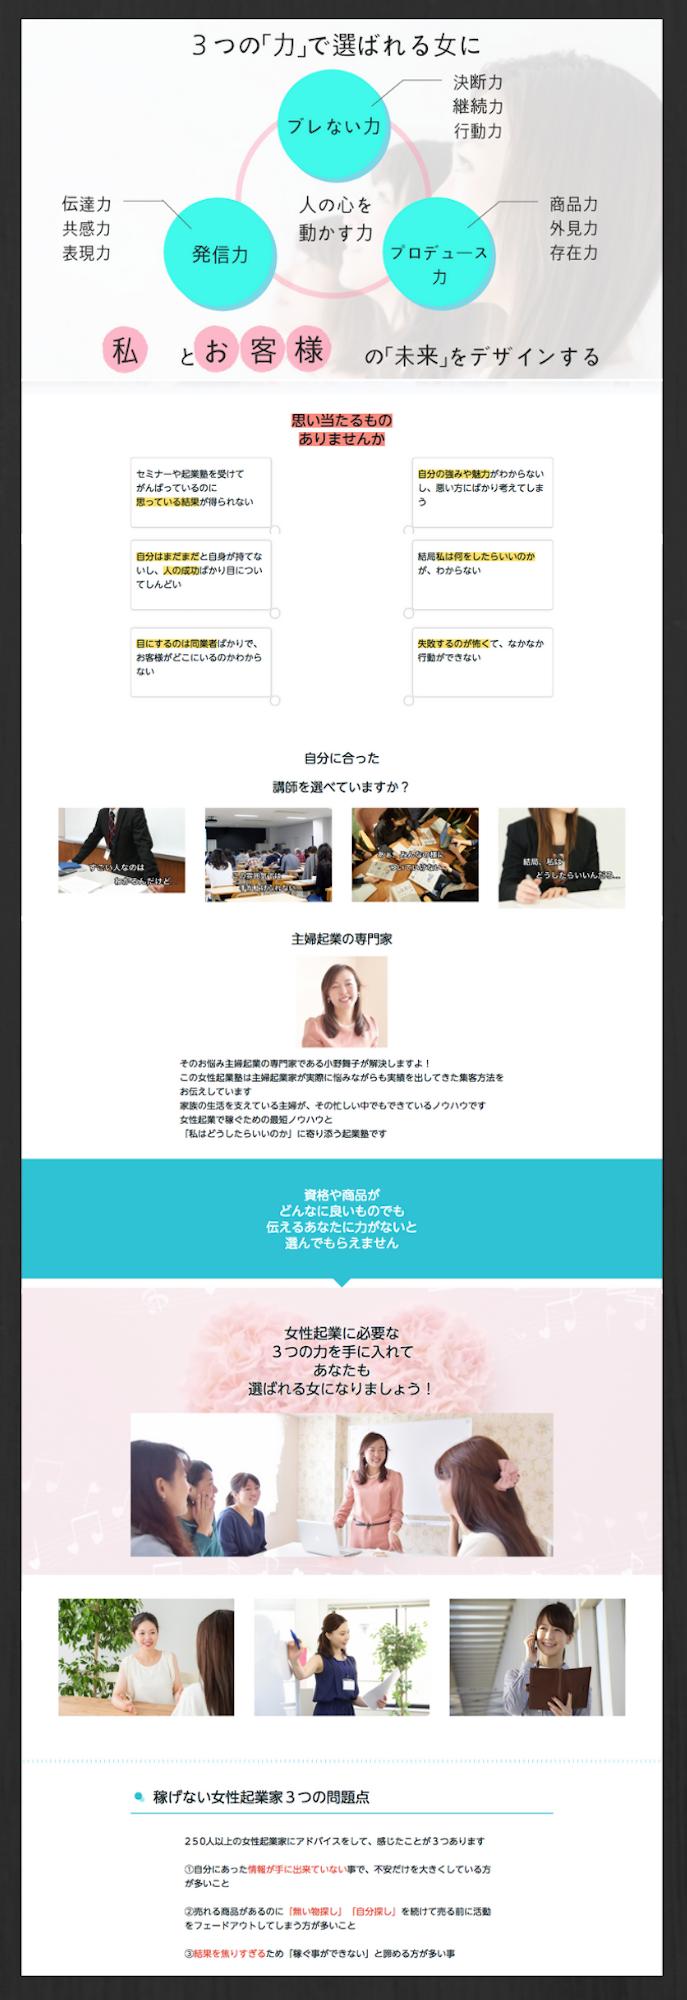 ペライチで作成女性起業塾大阪